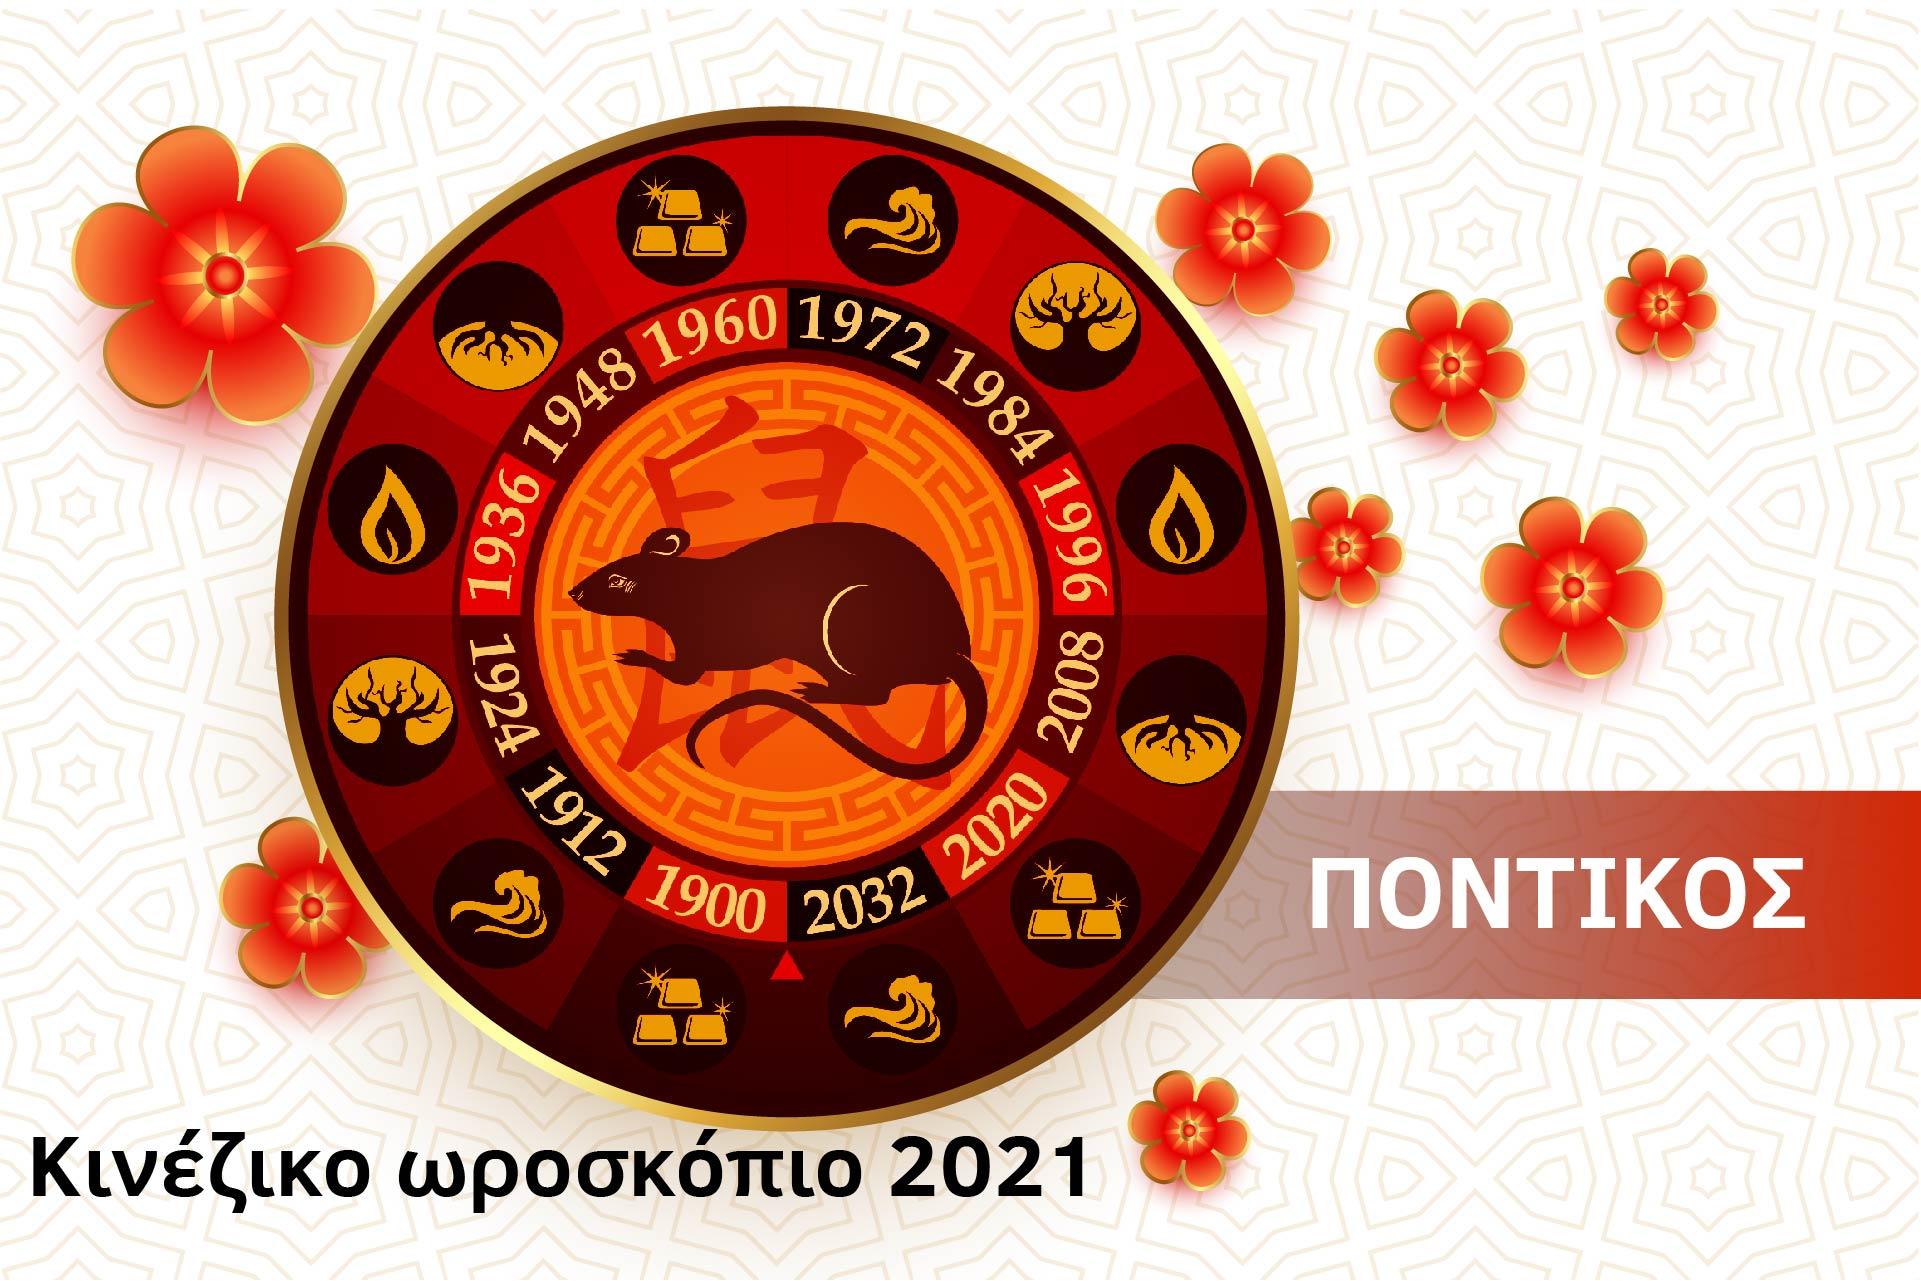 Ποντικός 2021 – Κινέζικο Ωροσκόπιο